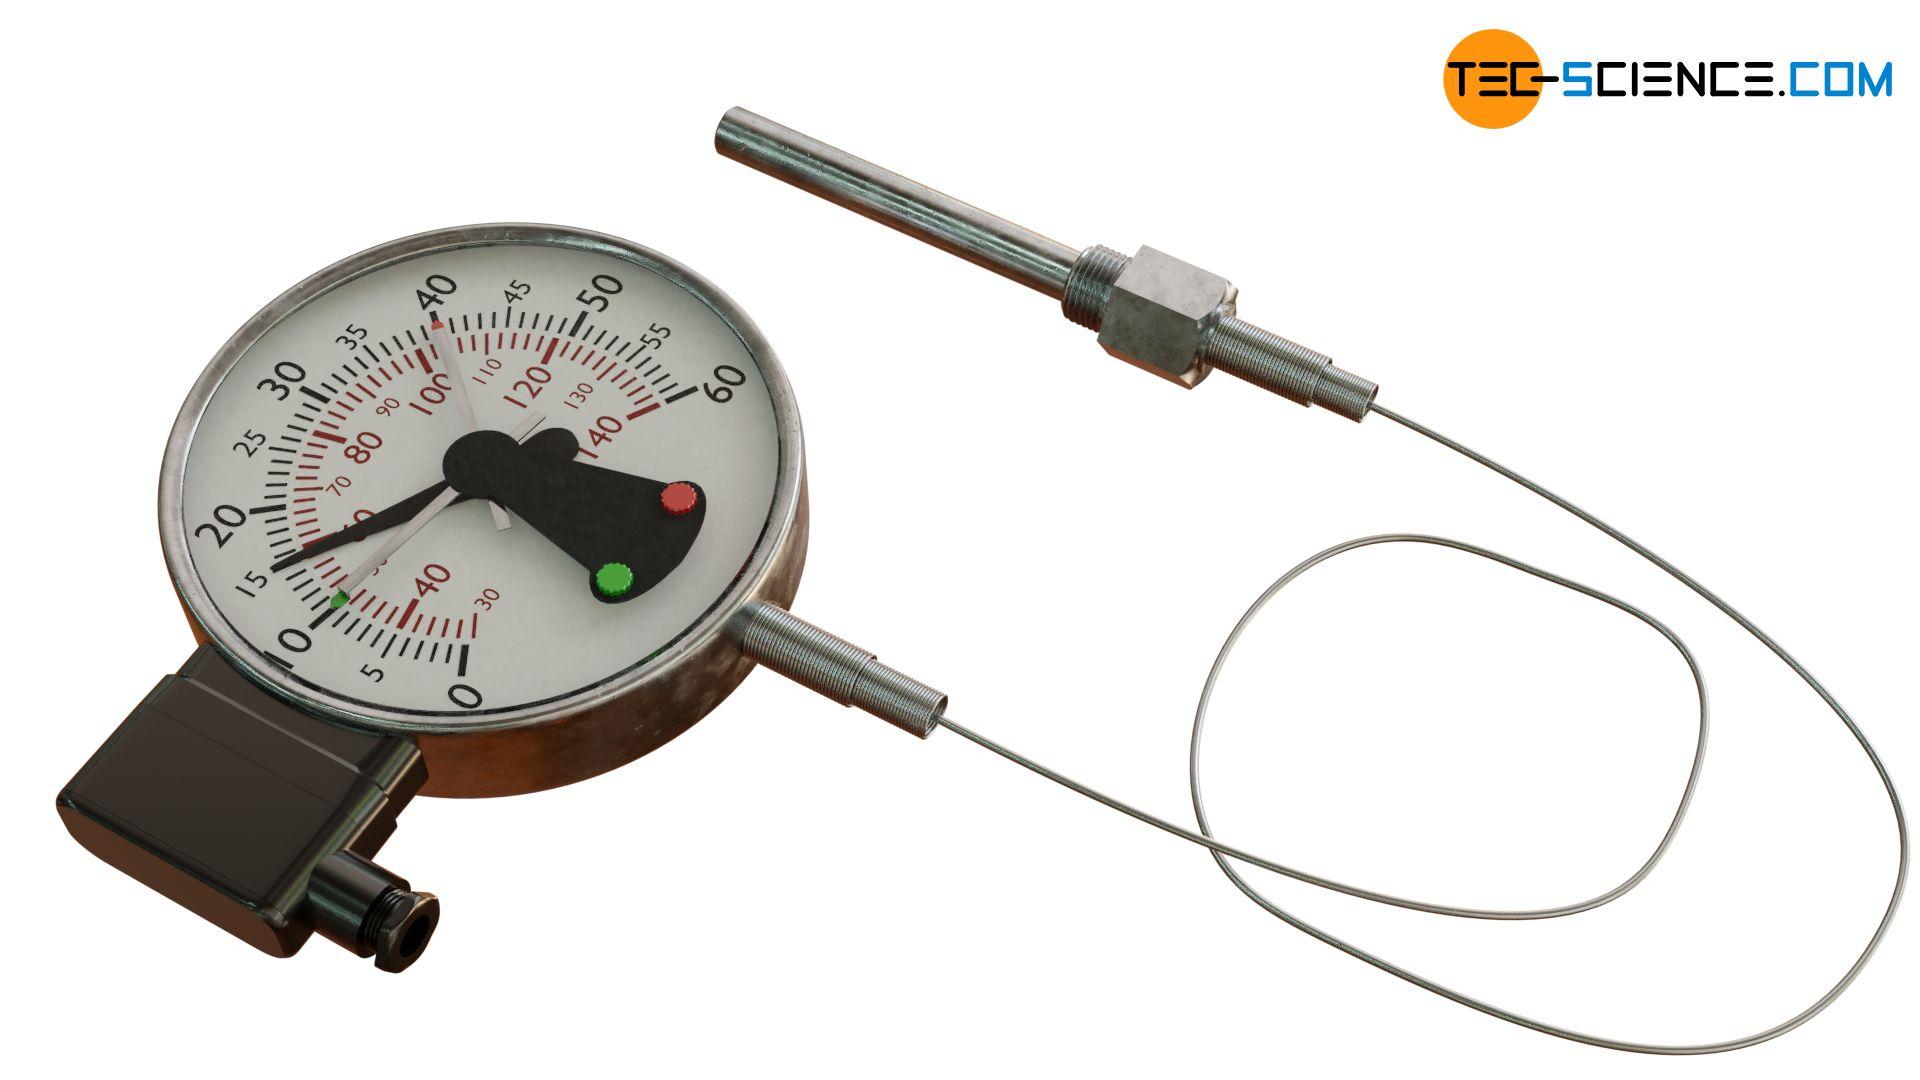 Gasdruck-Federthermometer mit Schaltkontakt